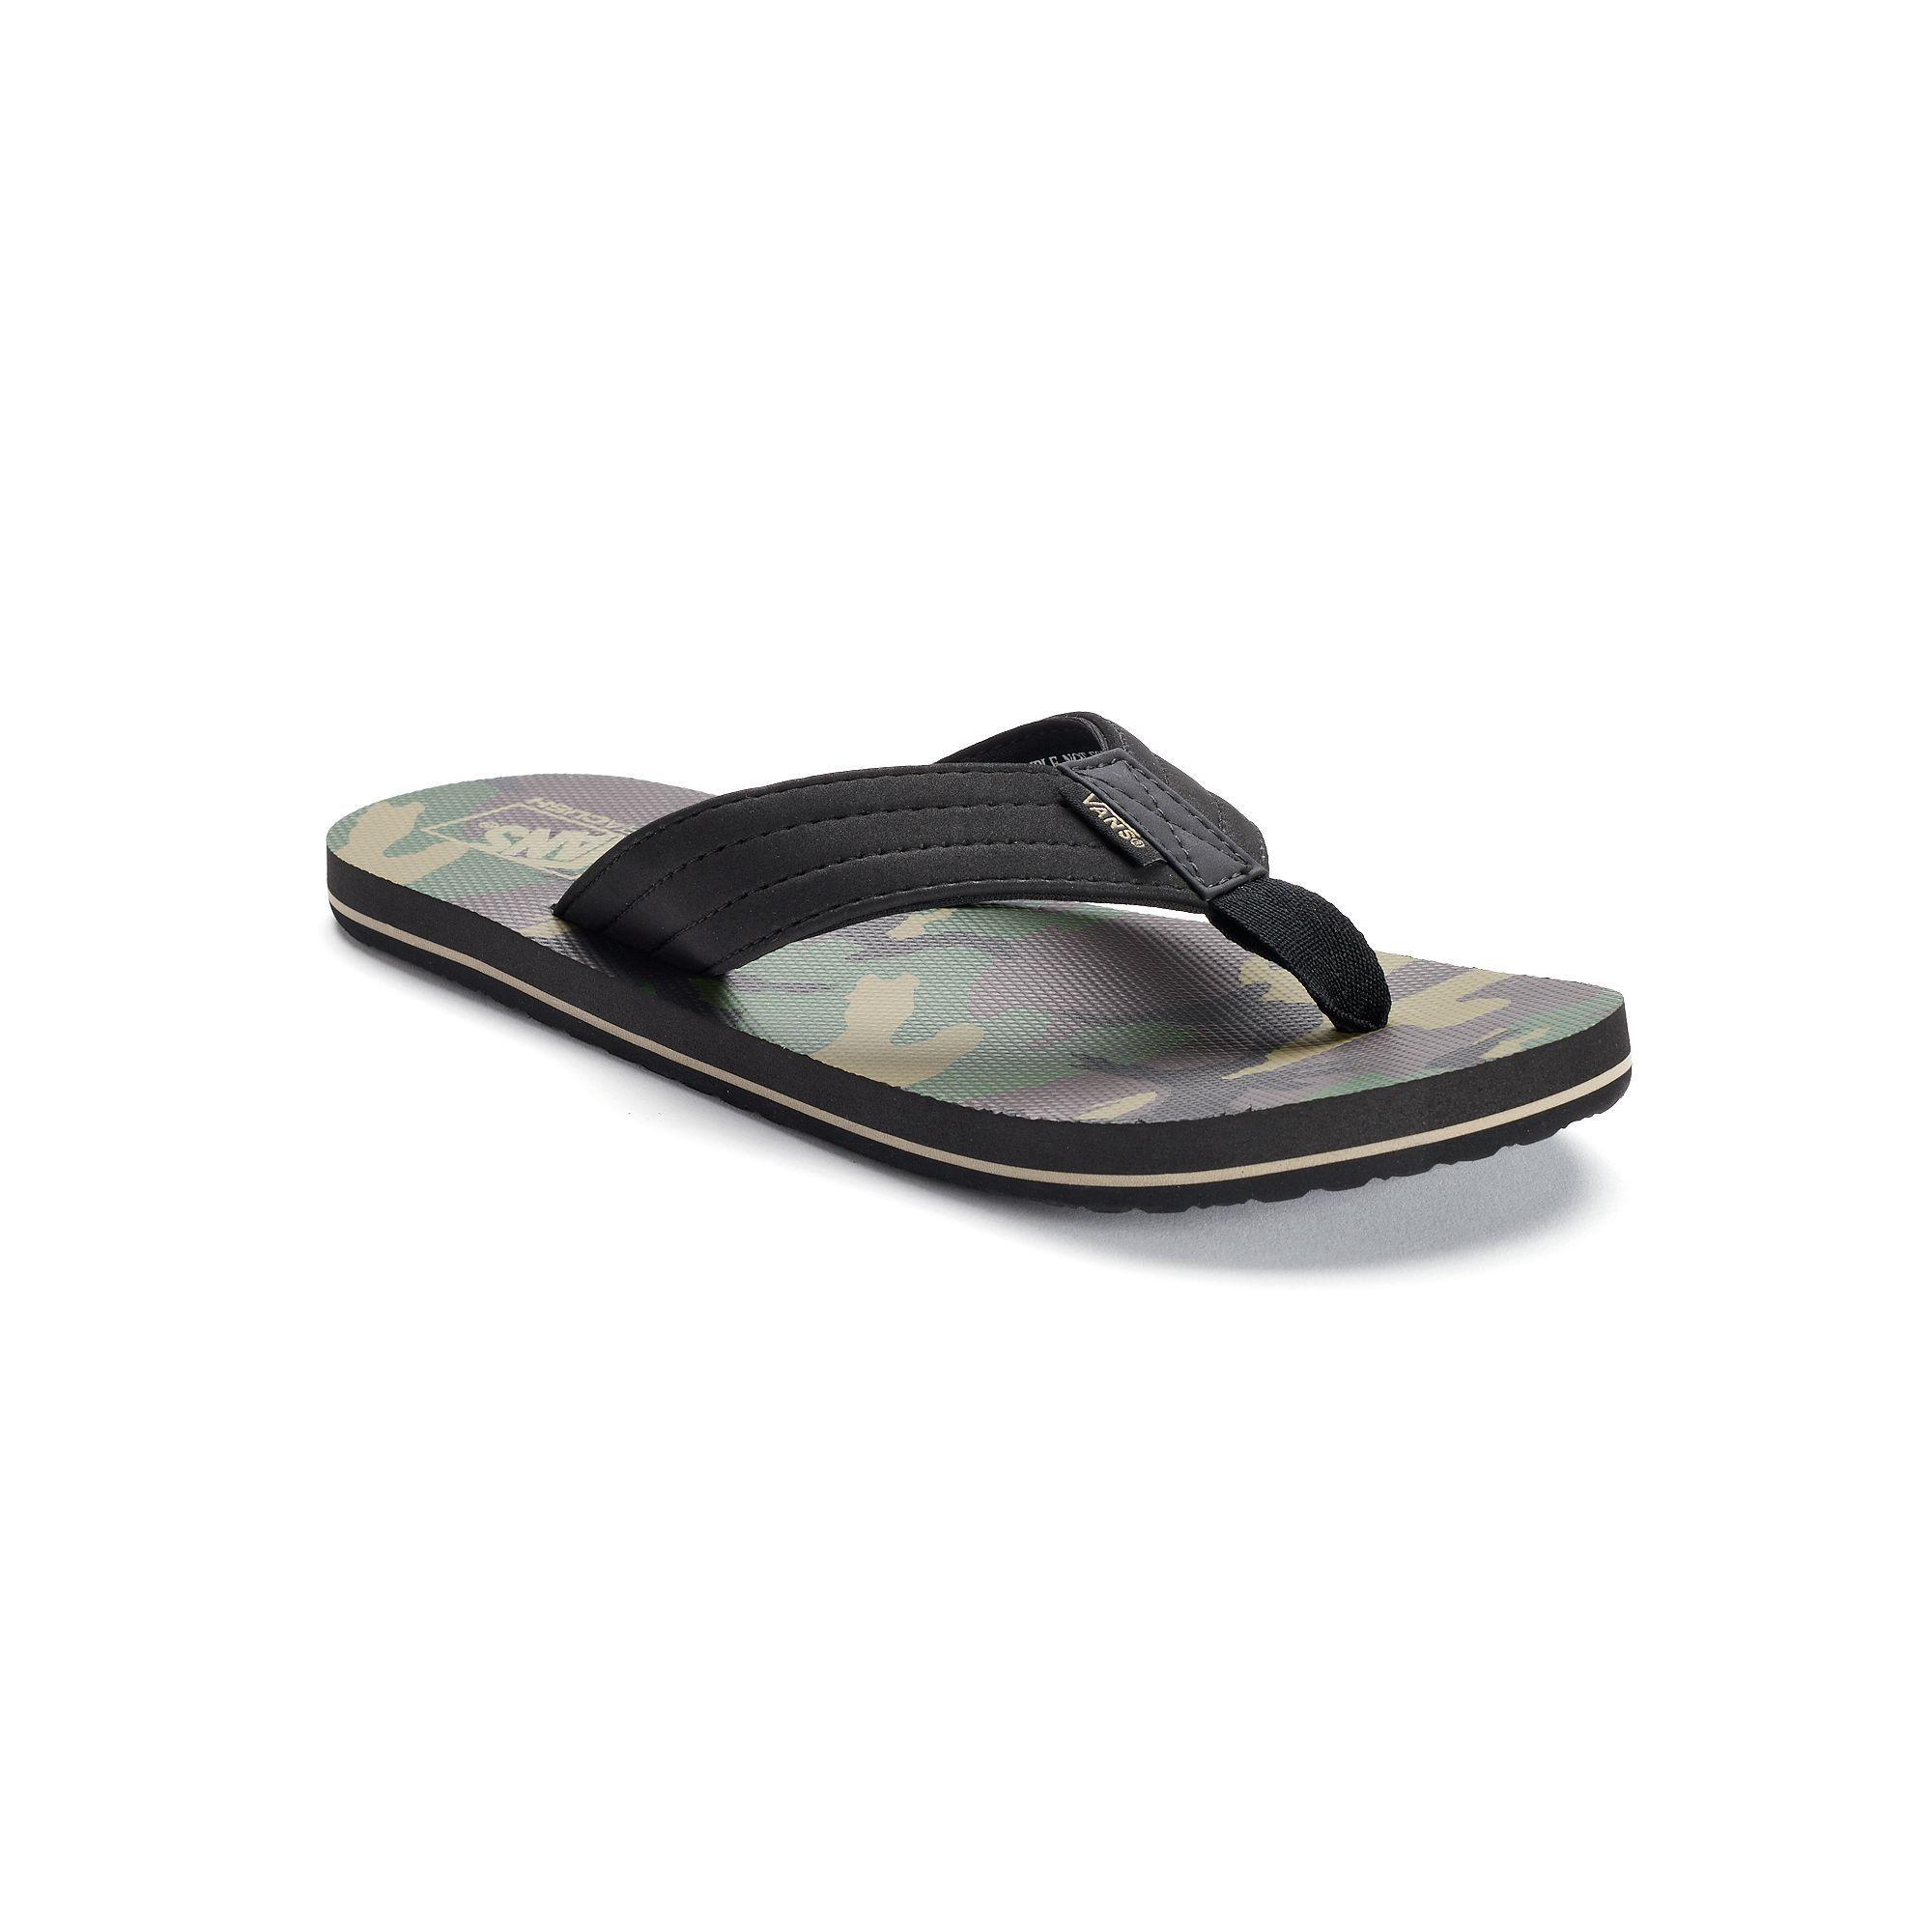 dfe12a8fdb Vans Indio Checker Men s Sandals